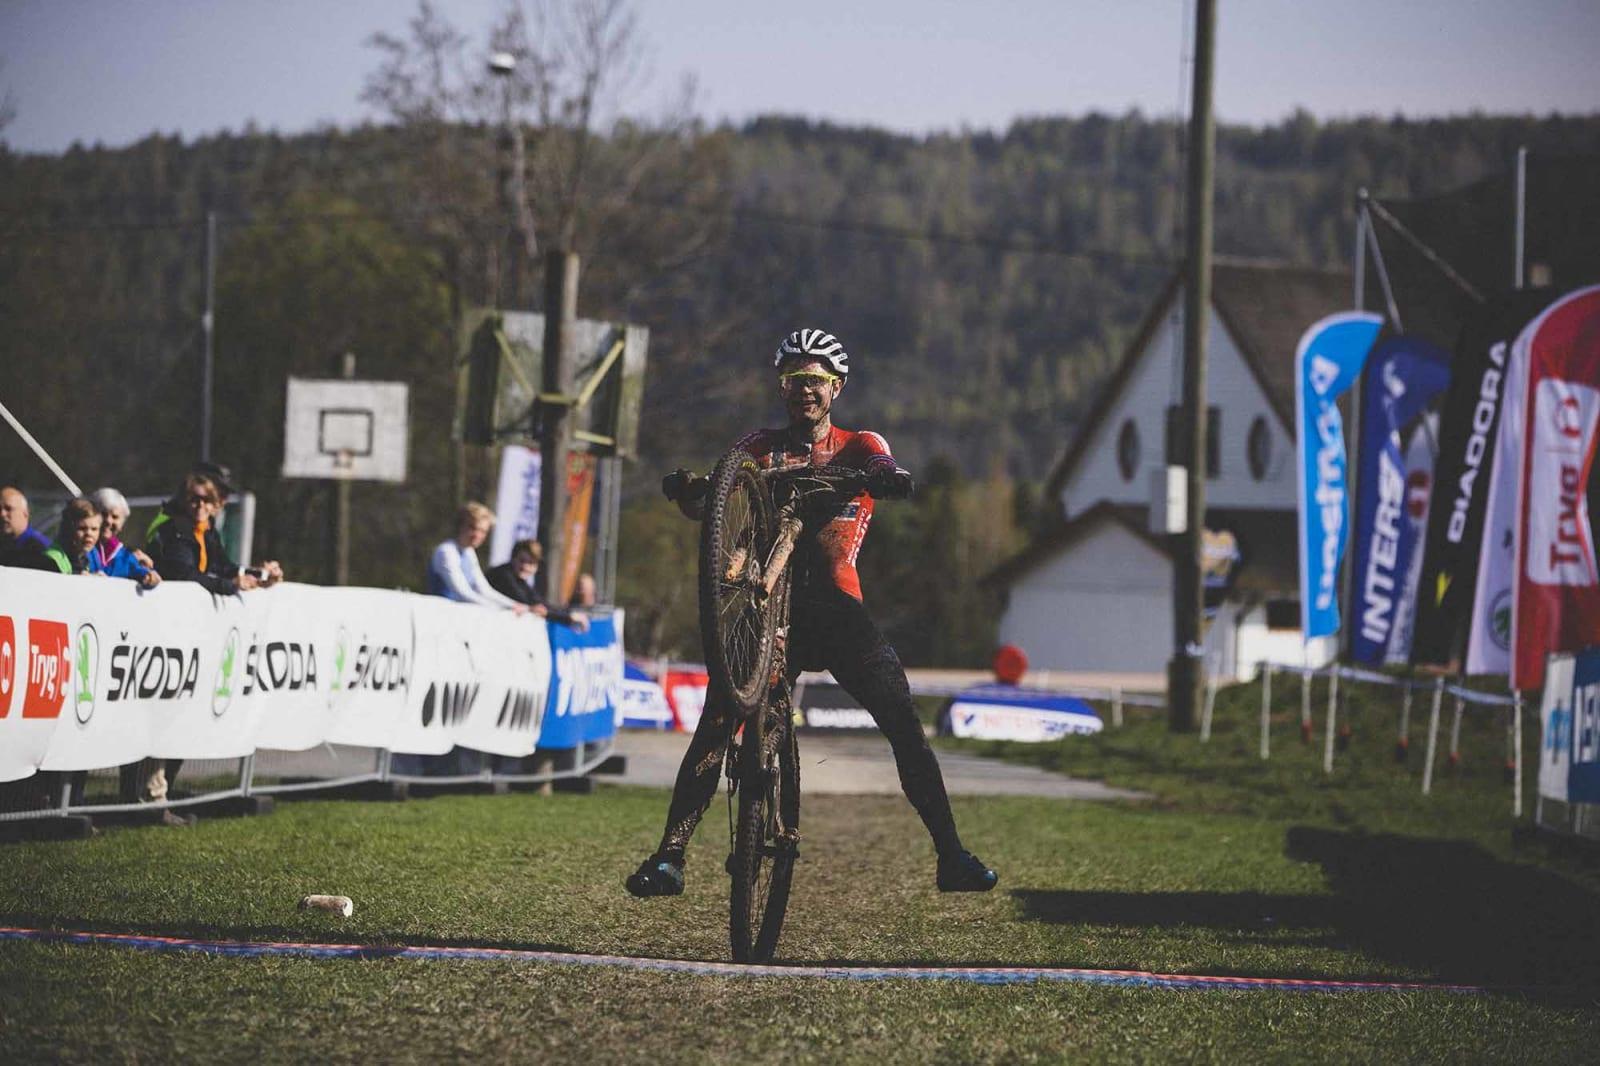 OVERLEGEN: På slutten av dagen var det ingen som kunne gjøre noe med Petter Fagerhaug. 3:49 foran nestemann på lista.